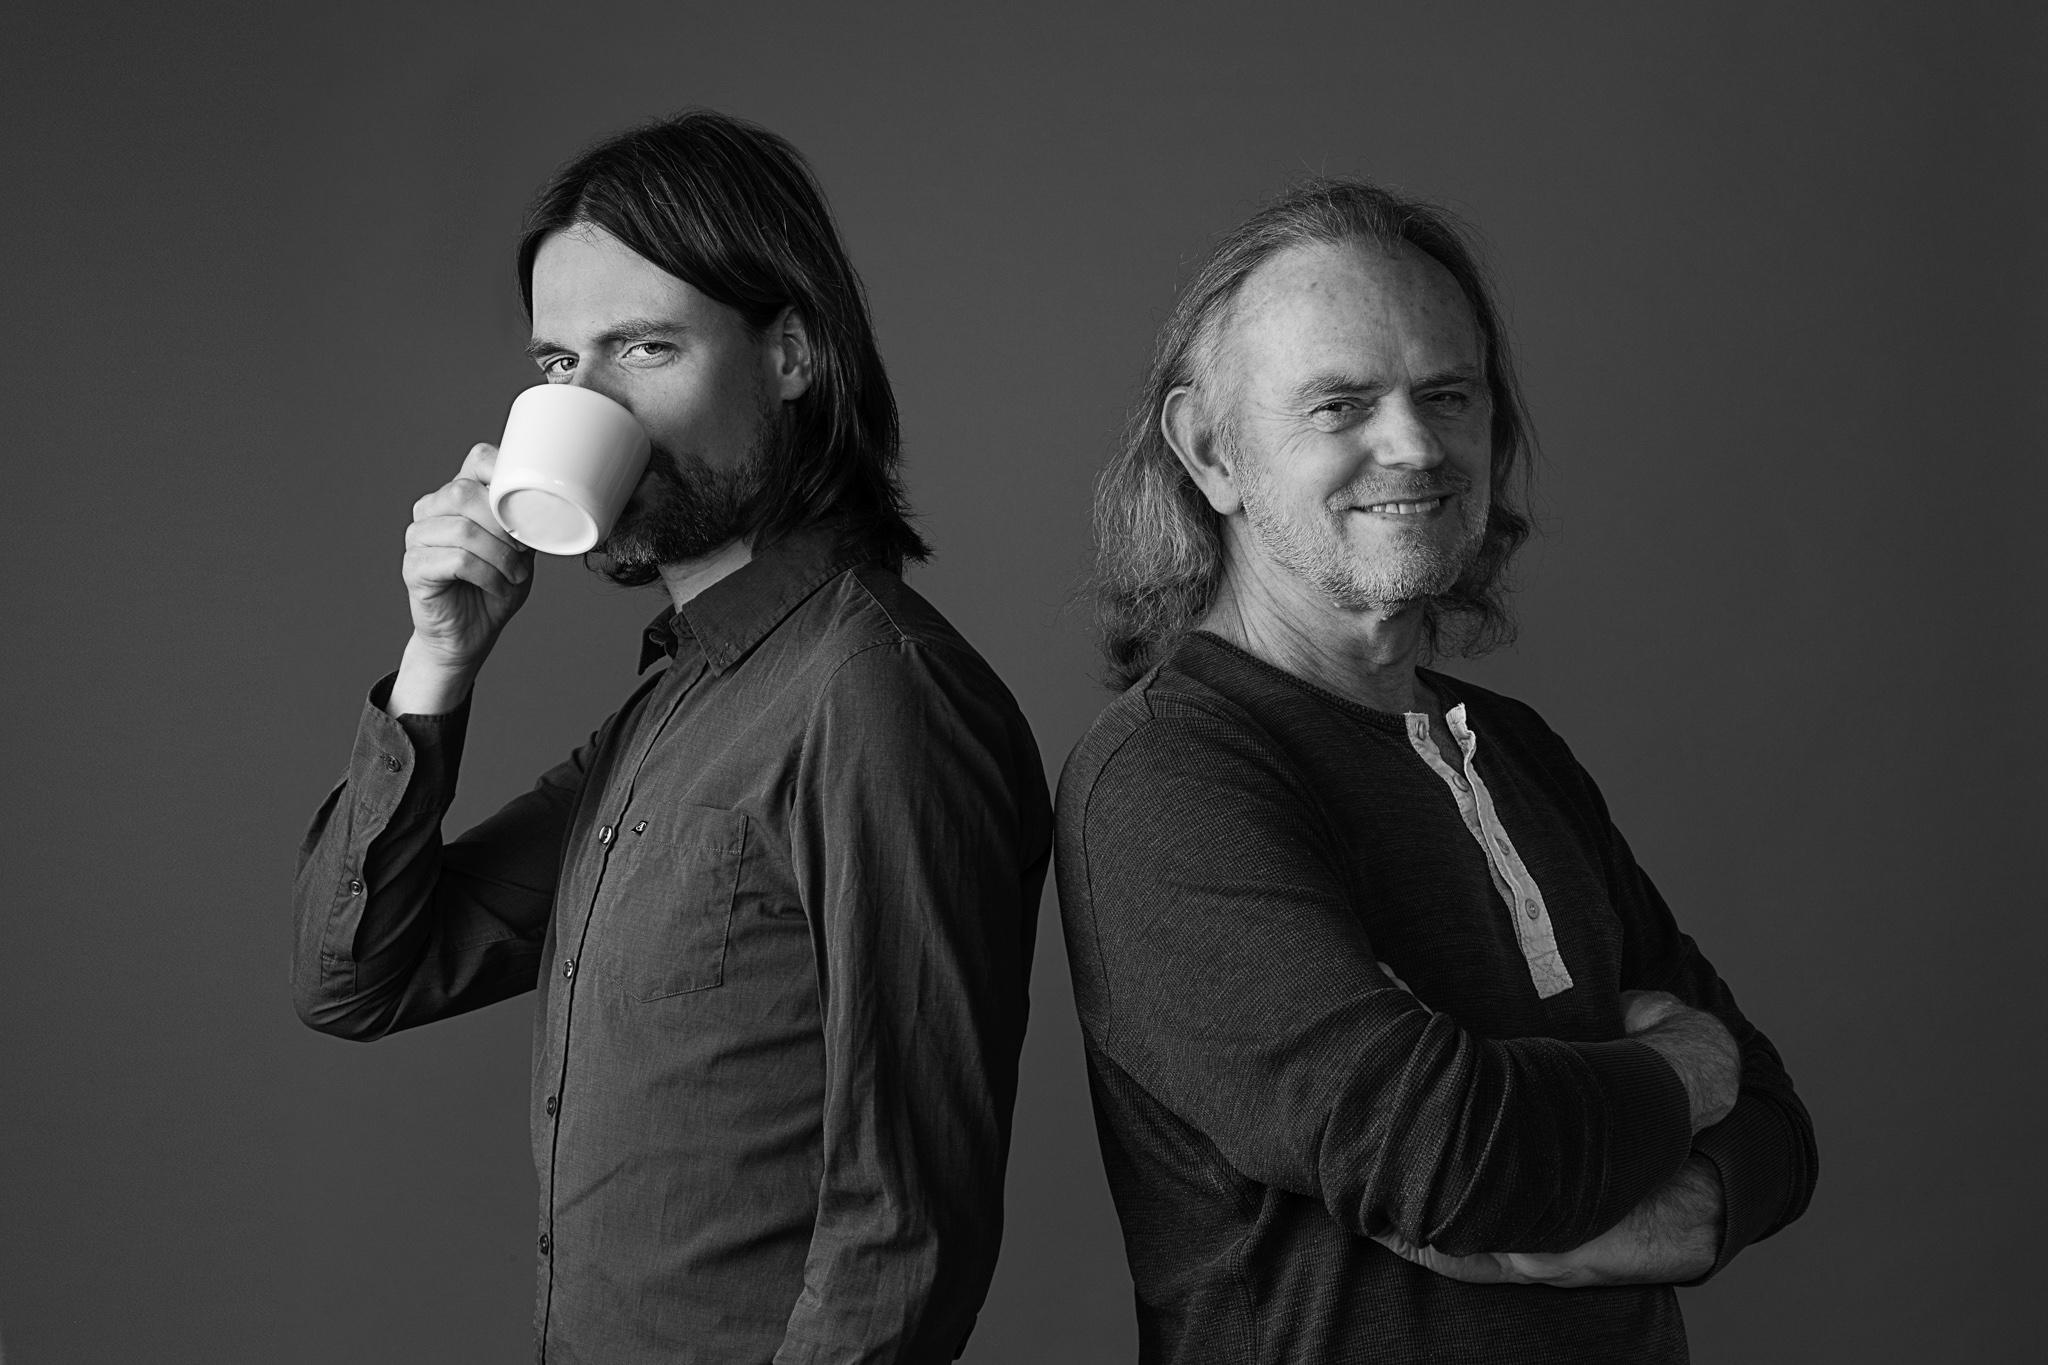 Erik de Jong en Miesjel van Gerwen, fotografie: Willeke Machiels